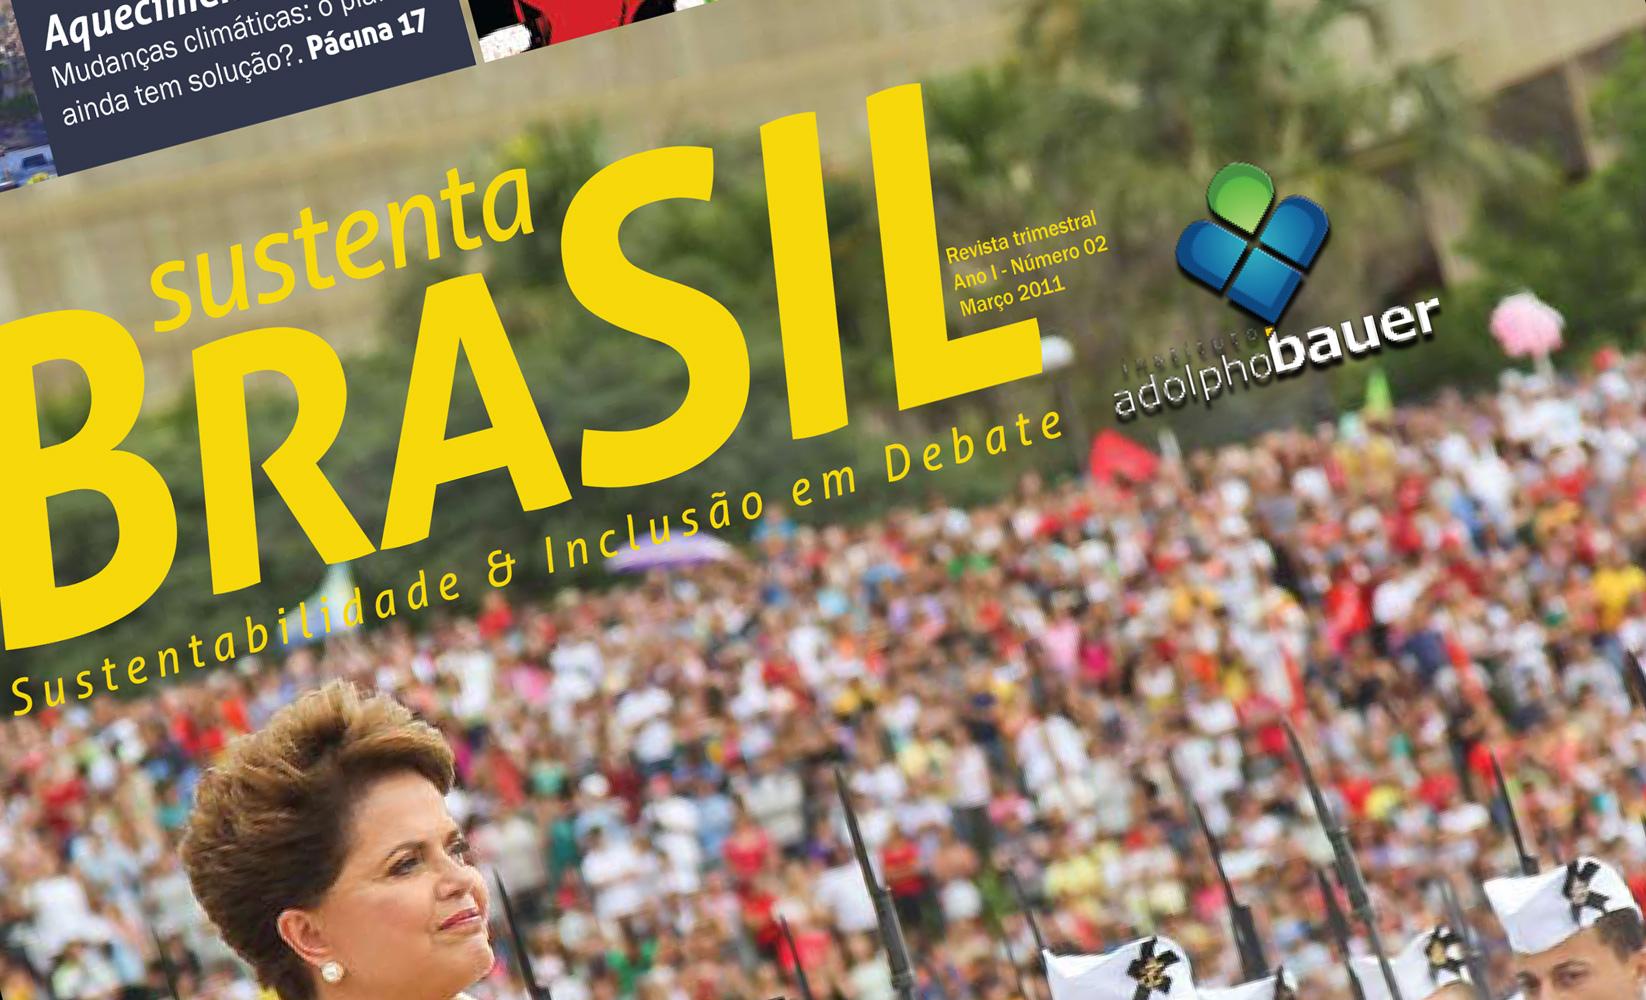 Revista Sustenta Brasil ed 02